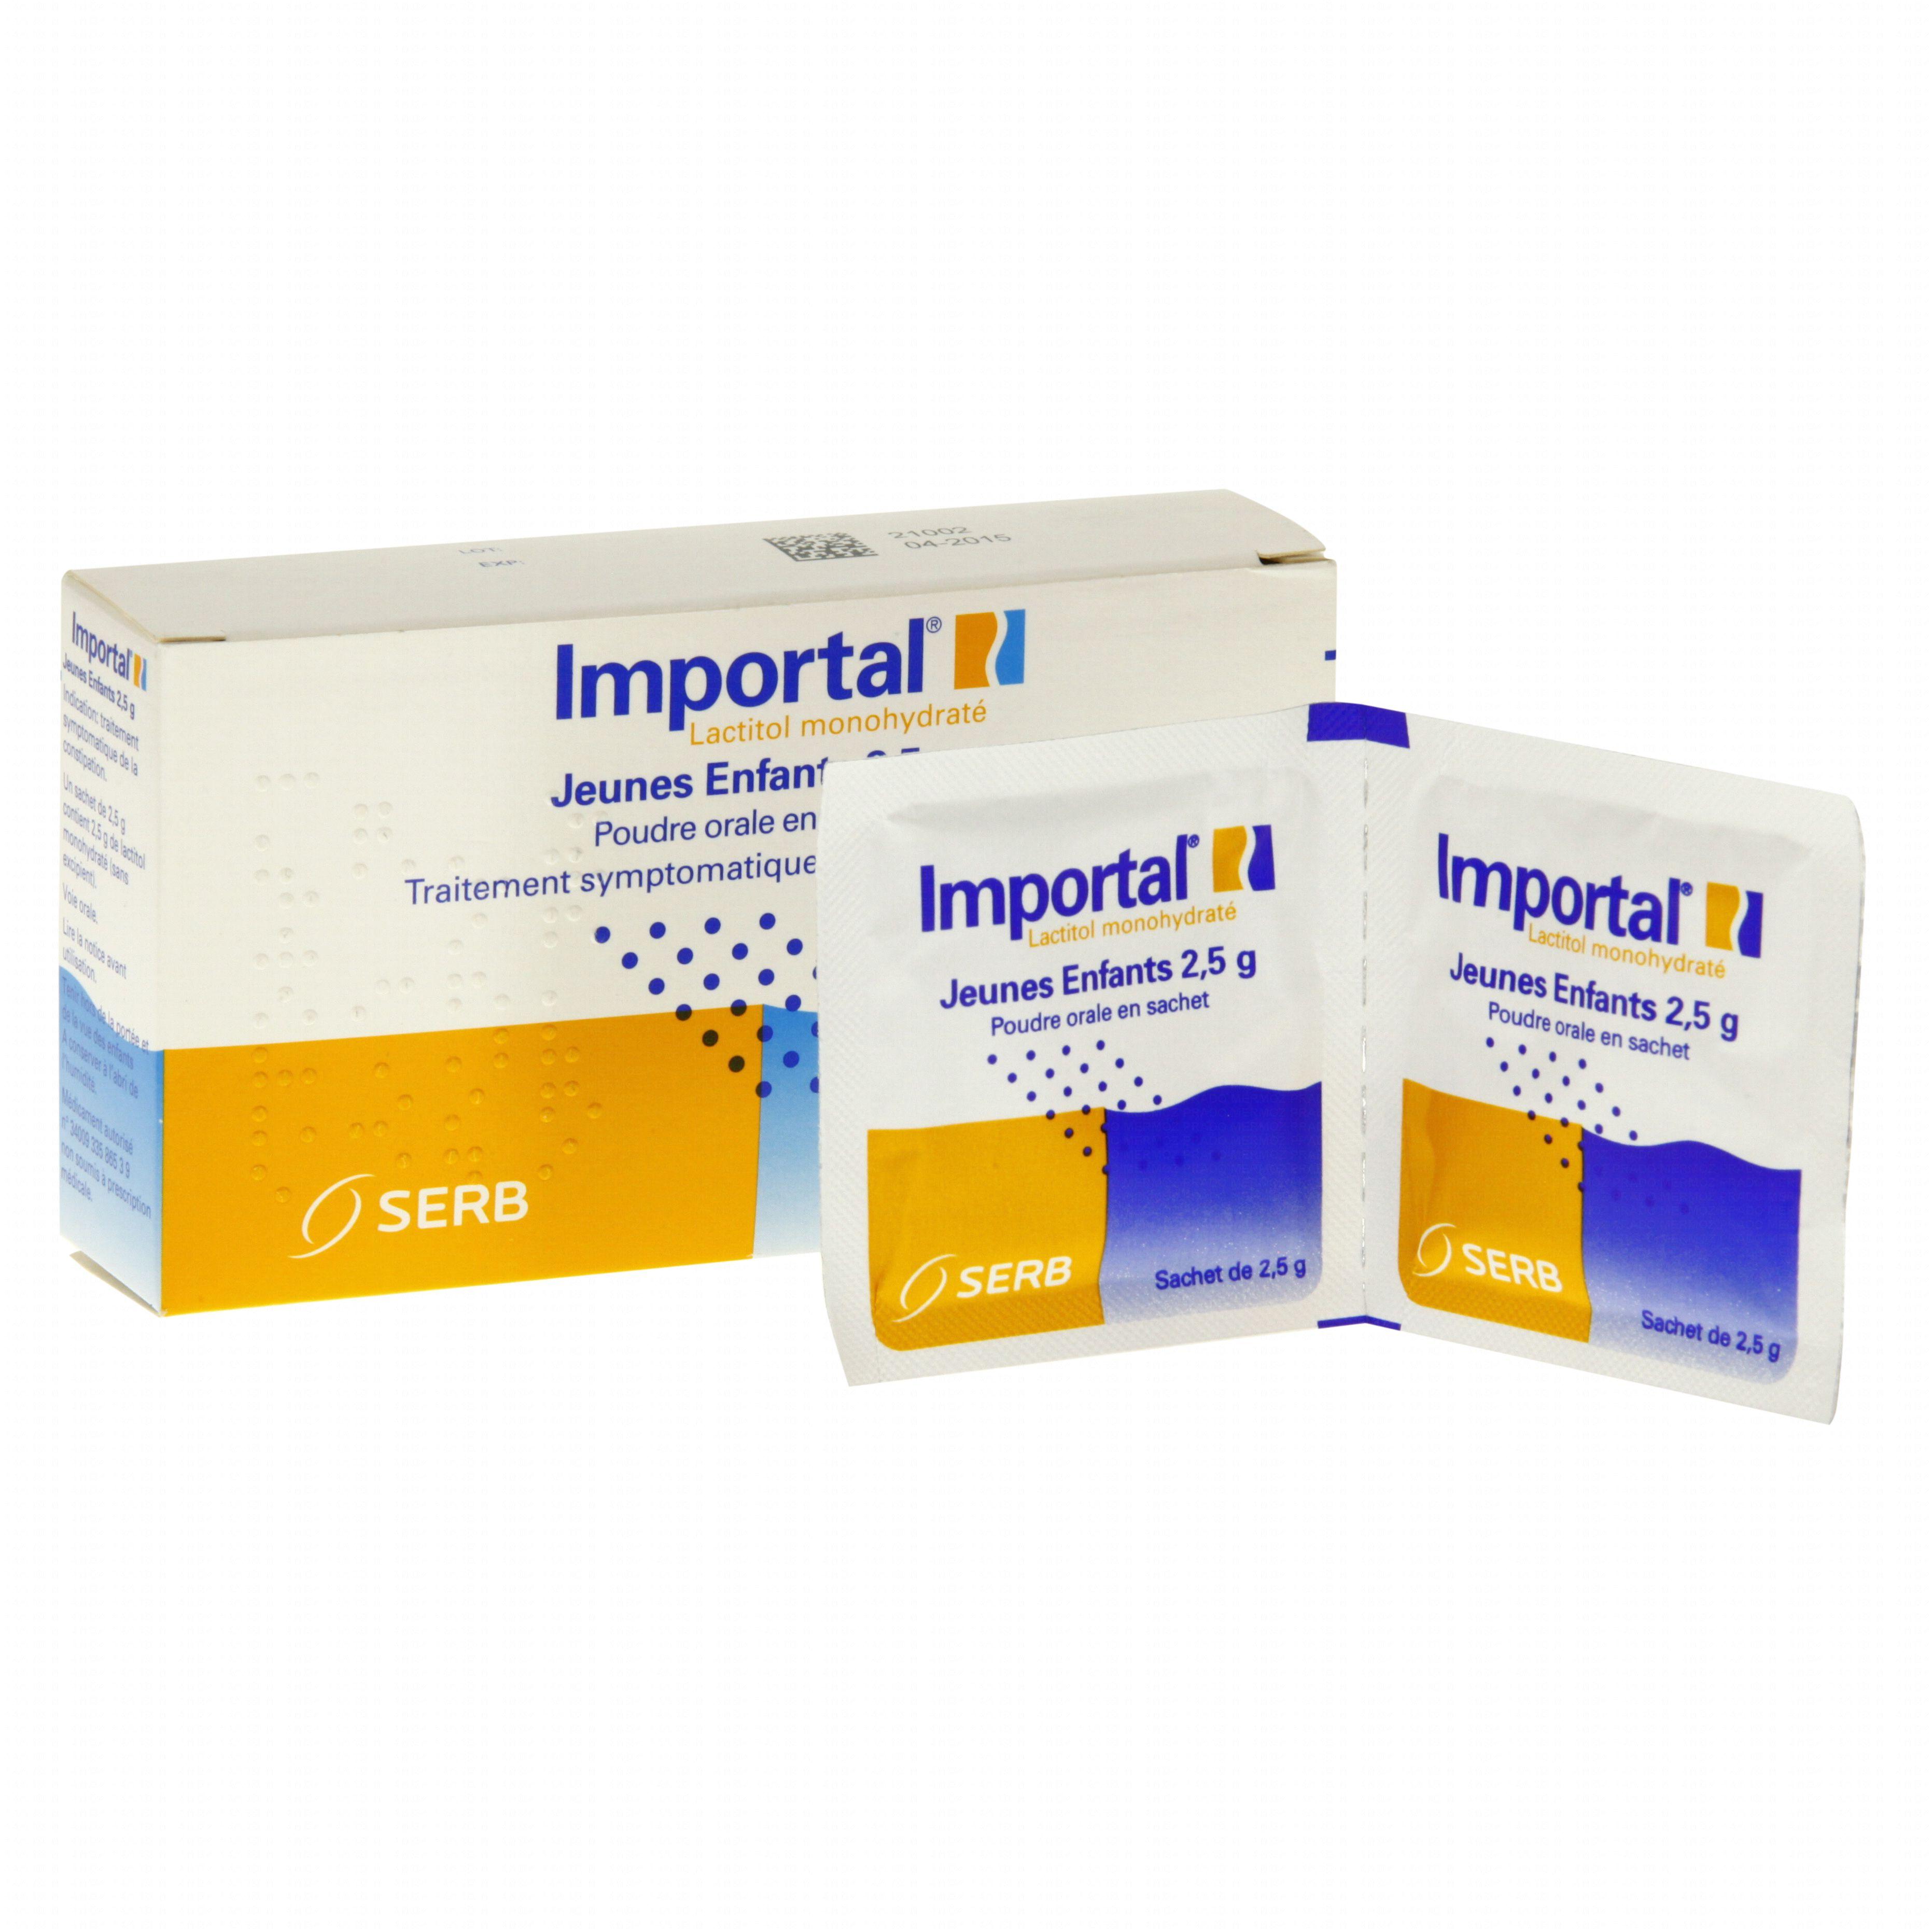 Importal jeunes enfants 2,5 g boîte de 10 sachets Novartis